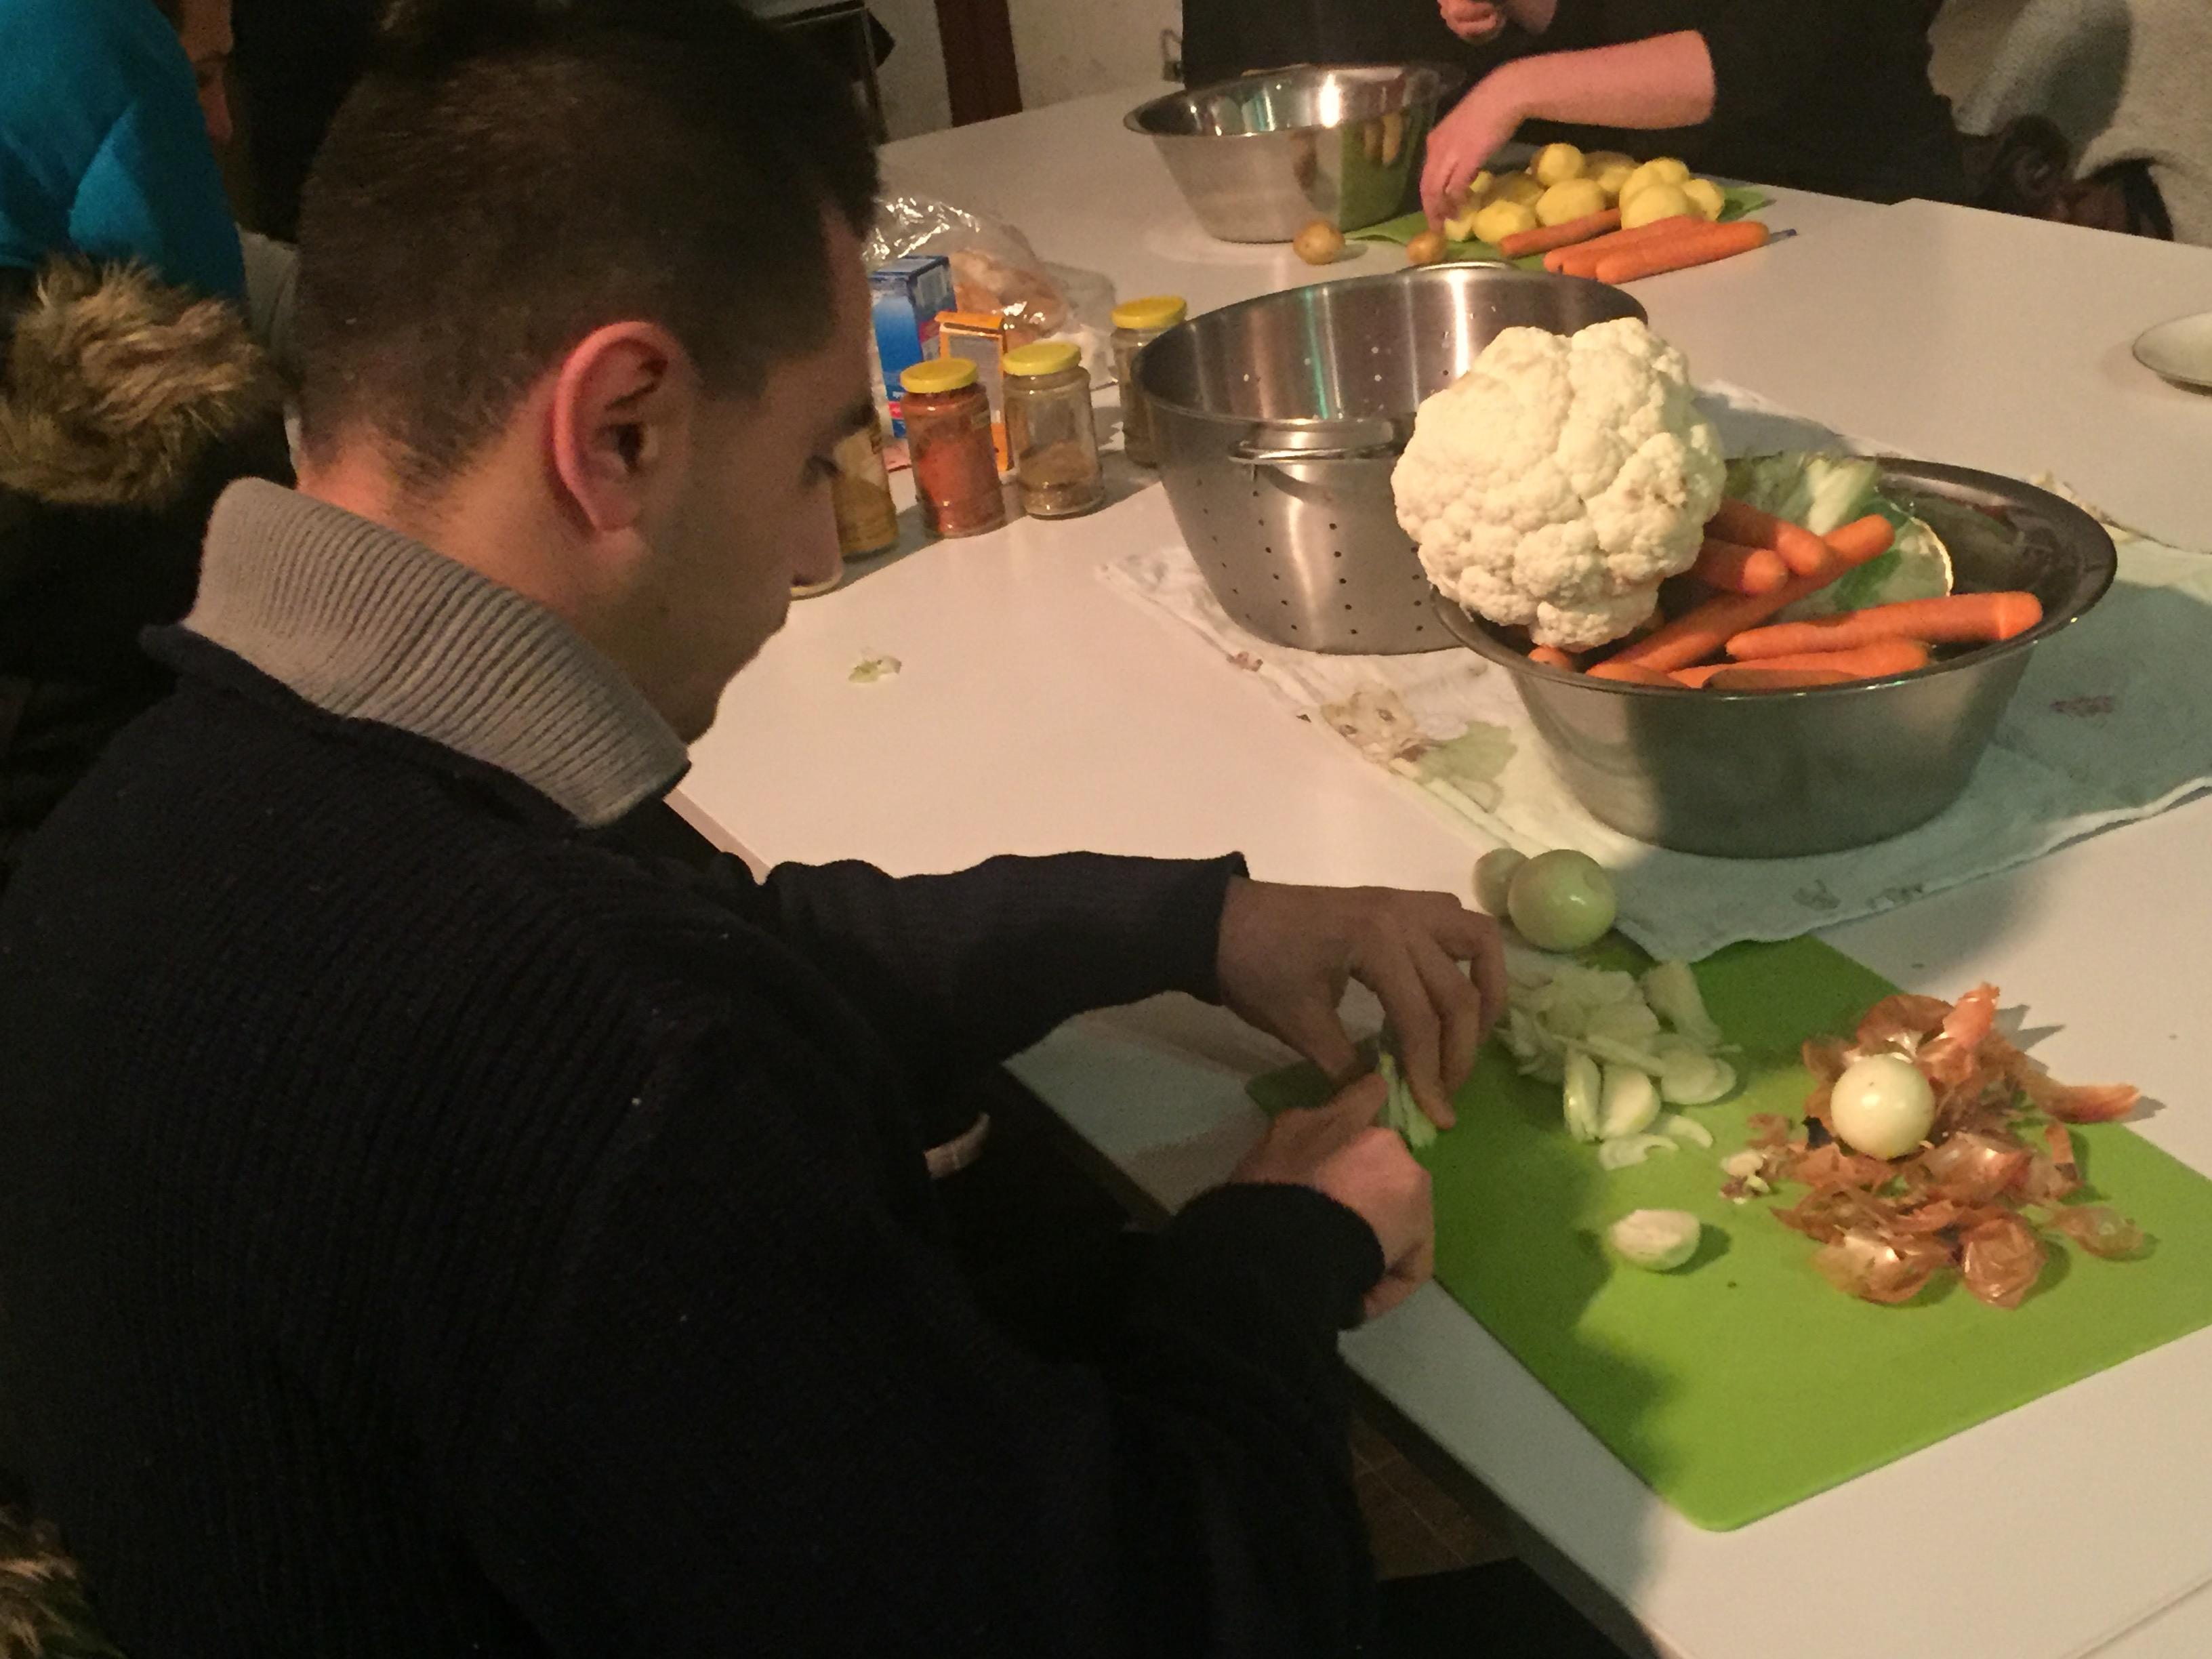 Die Gruppe sitzt am großen Tisch und bereitet Essen zu.